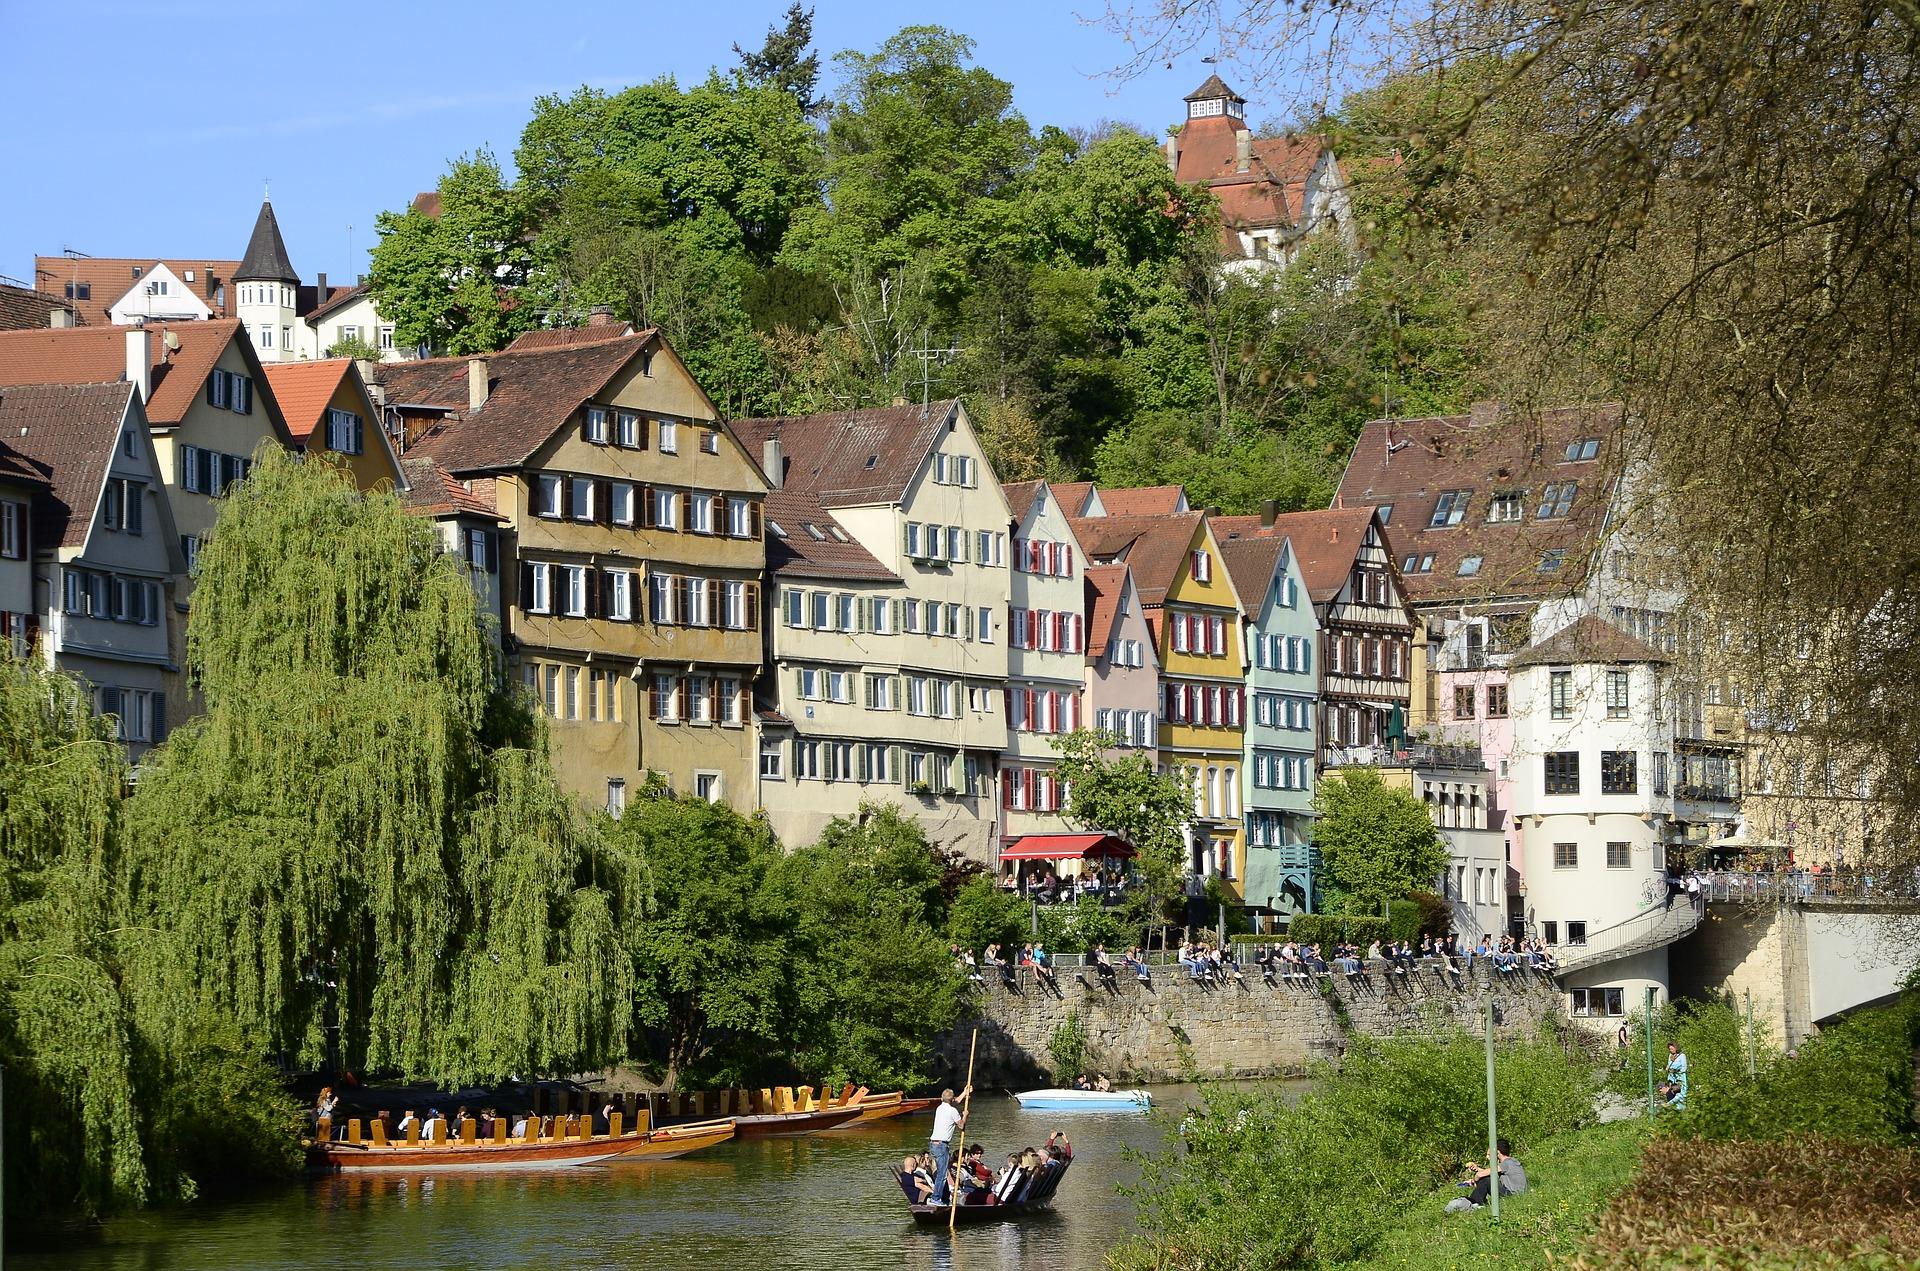 La jolie ville de  Tübingen  (en français Tubingue)